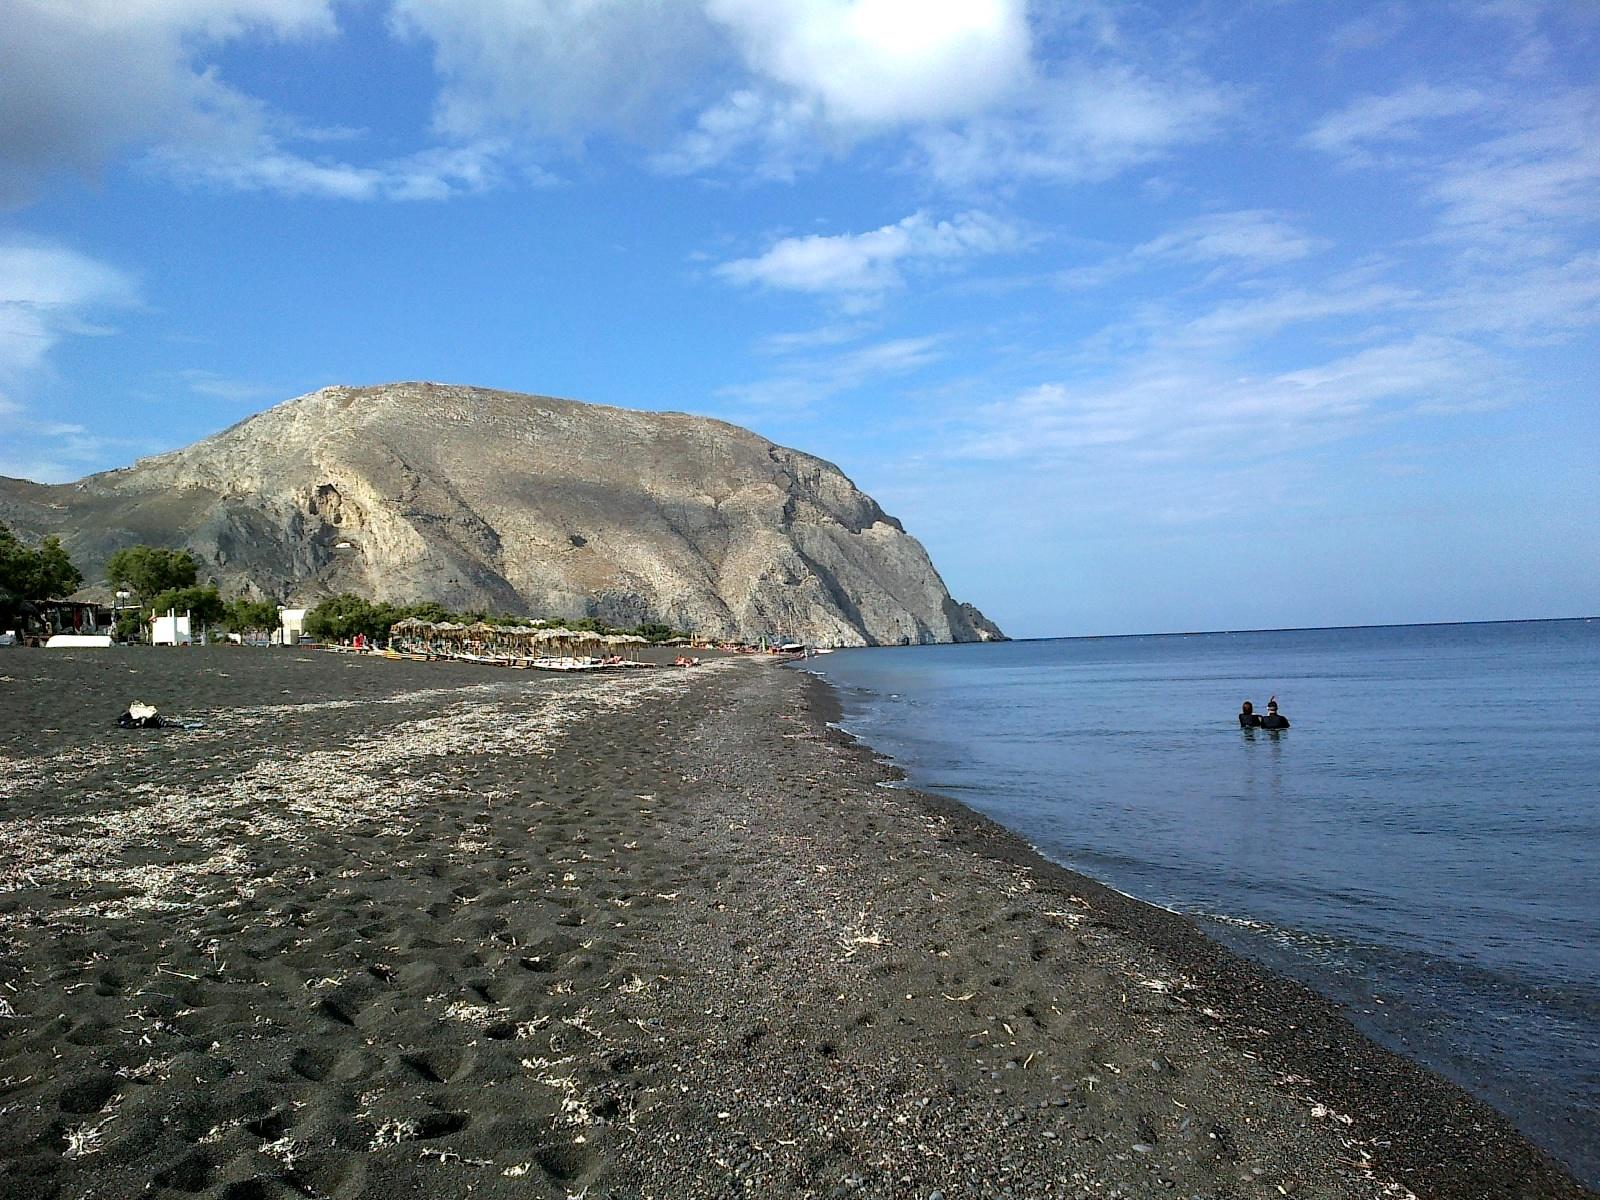 File:Cyclades Santorin Perissa Plage - panoramio.jpg